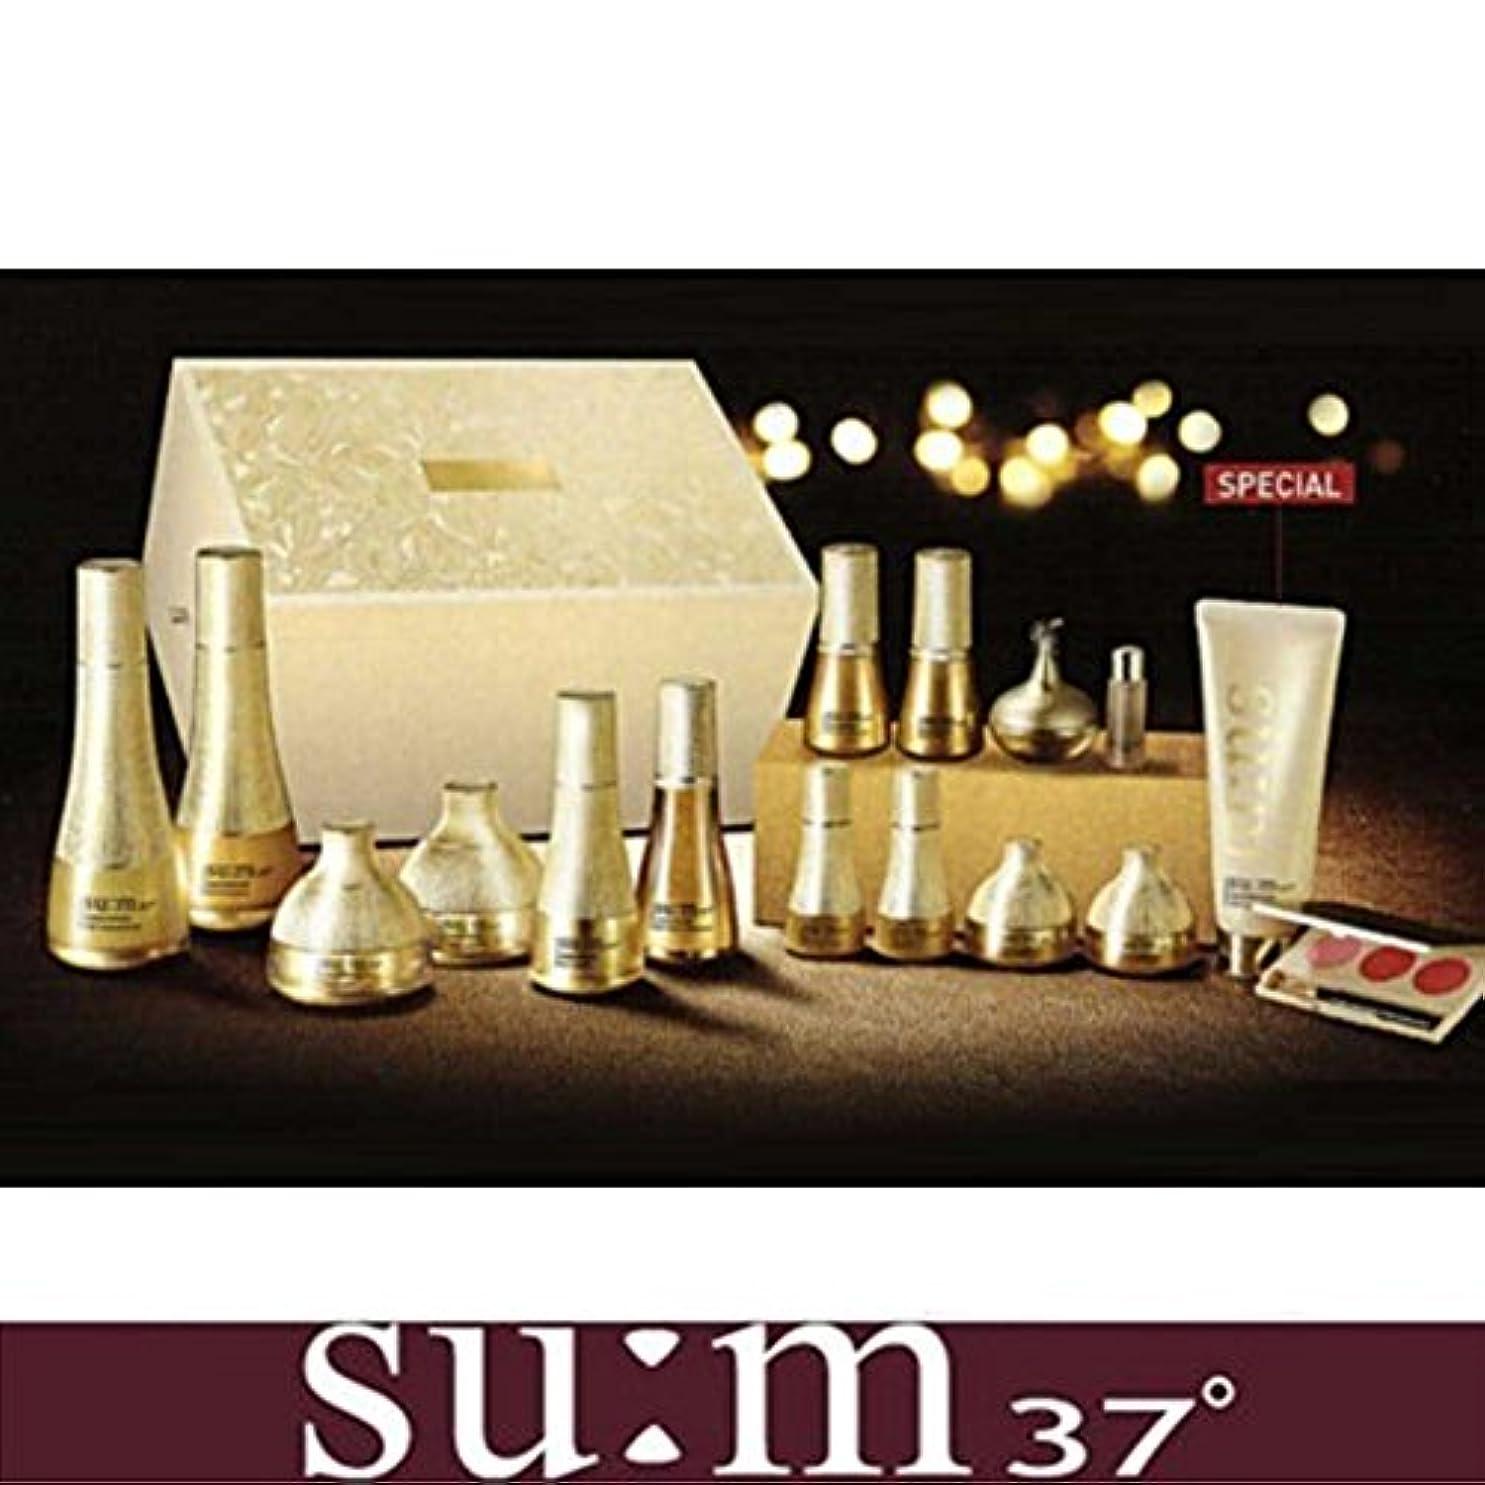 ヘリコプター葉っぱ出します[su:m37/スム37°]LosecSumma Premium Special Limited Skincare Set/プレミアムスペシャルリミテッドスキンケアセット + [Sample Gift](海外直送品)